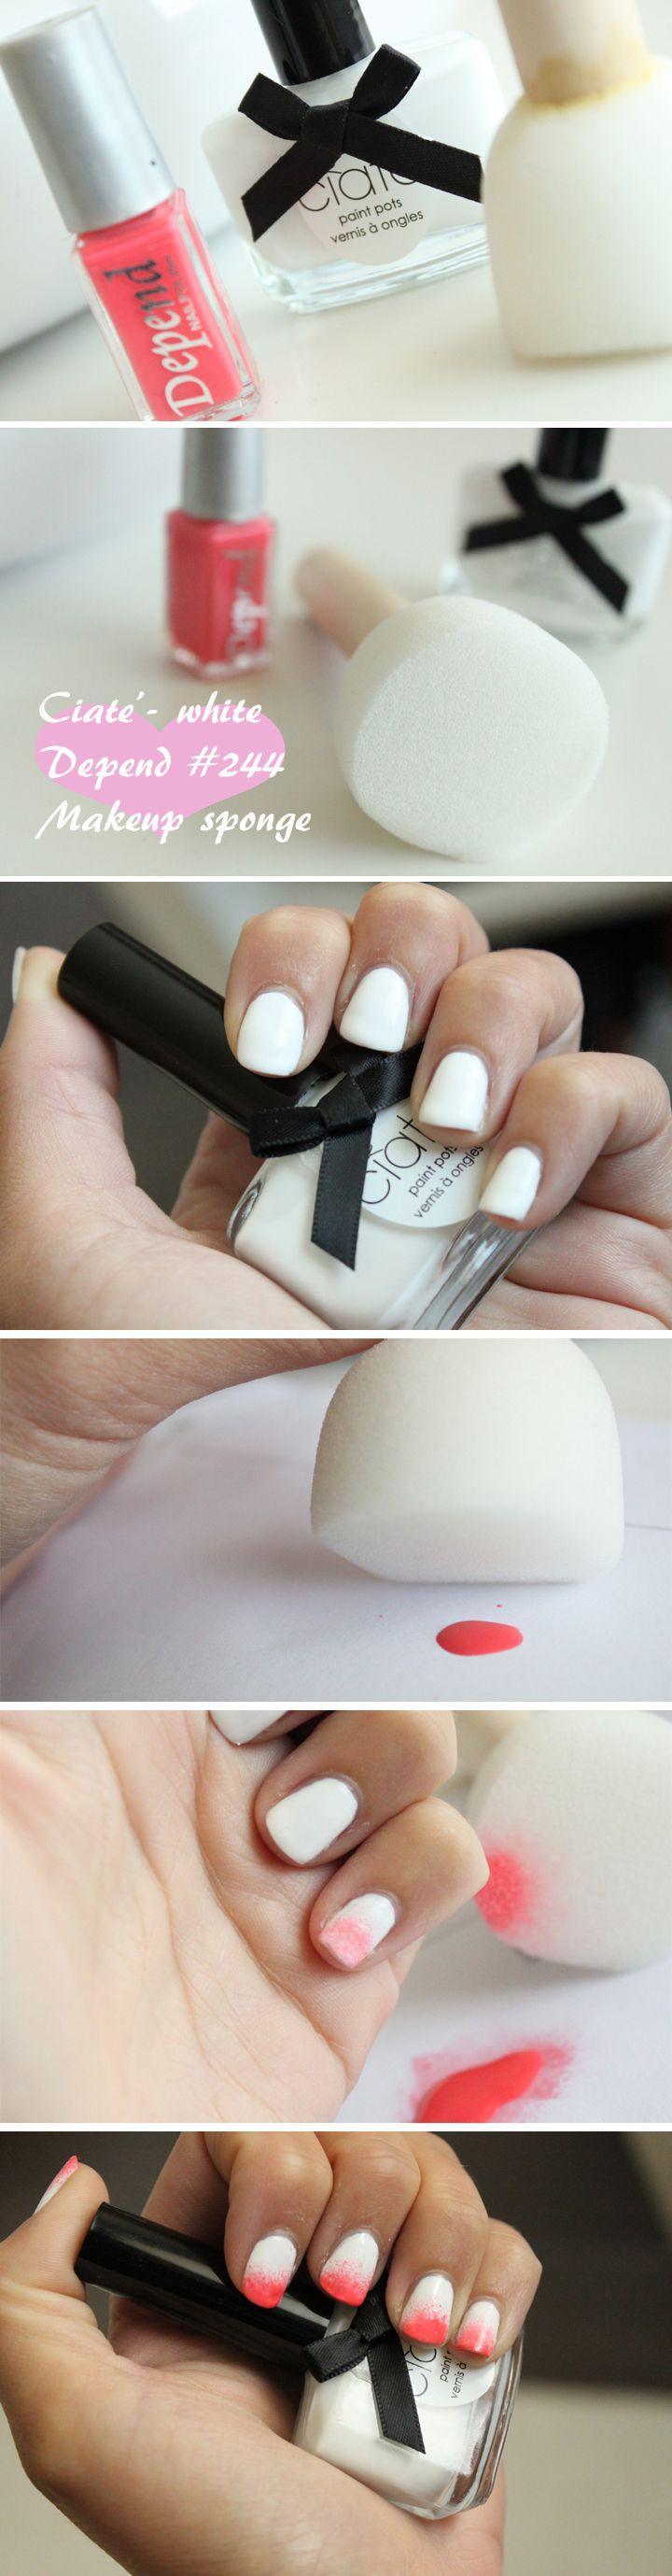 Dip Dye Nail tutorial. Full tutorial on http://blogg.veckorevyn.com/hiilen/2012/06/21/dip-dye-nail-tutorial-video-och-bild-tutorial/#